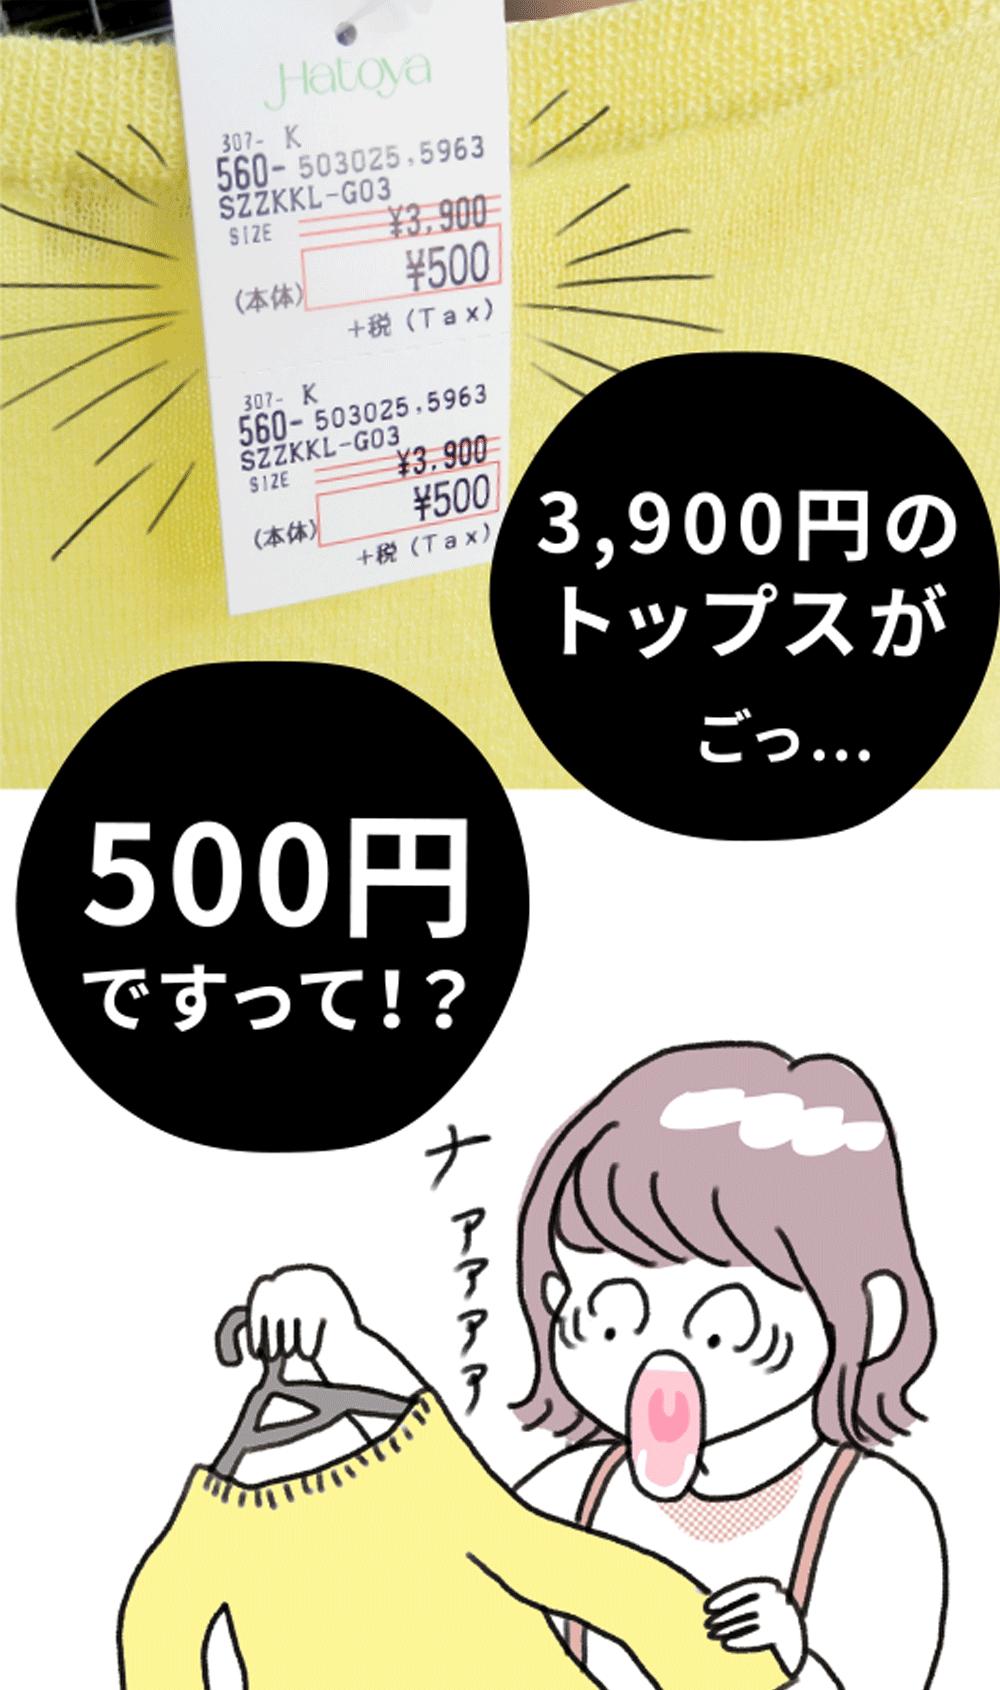 2,900円のトップスがごっ...500円ですって!?